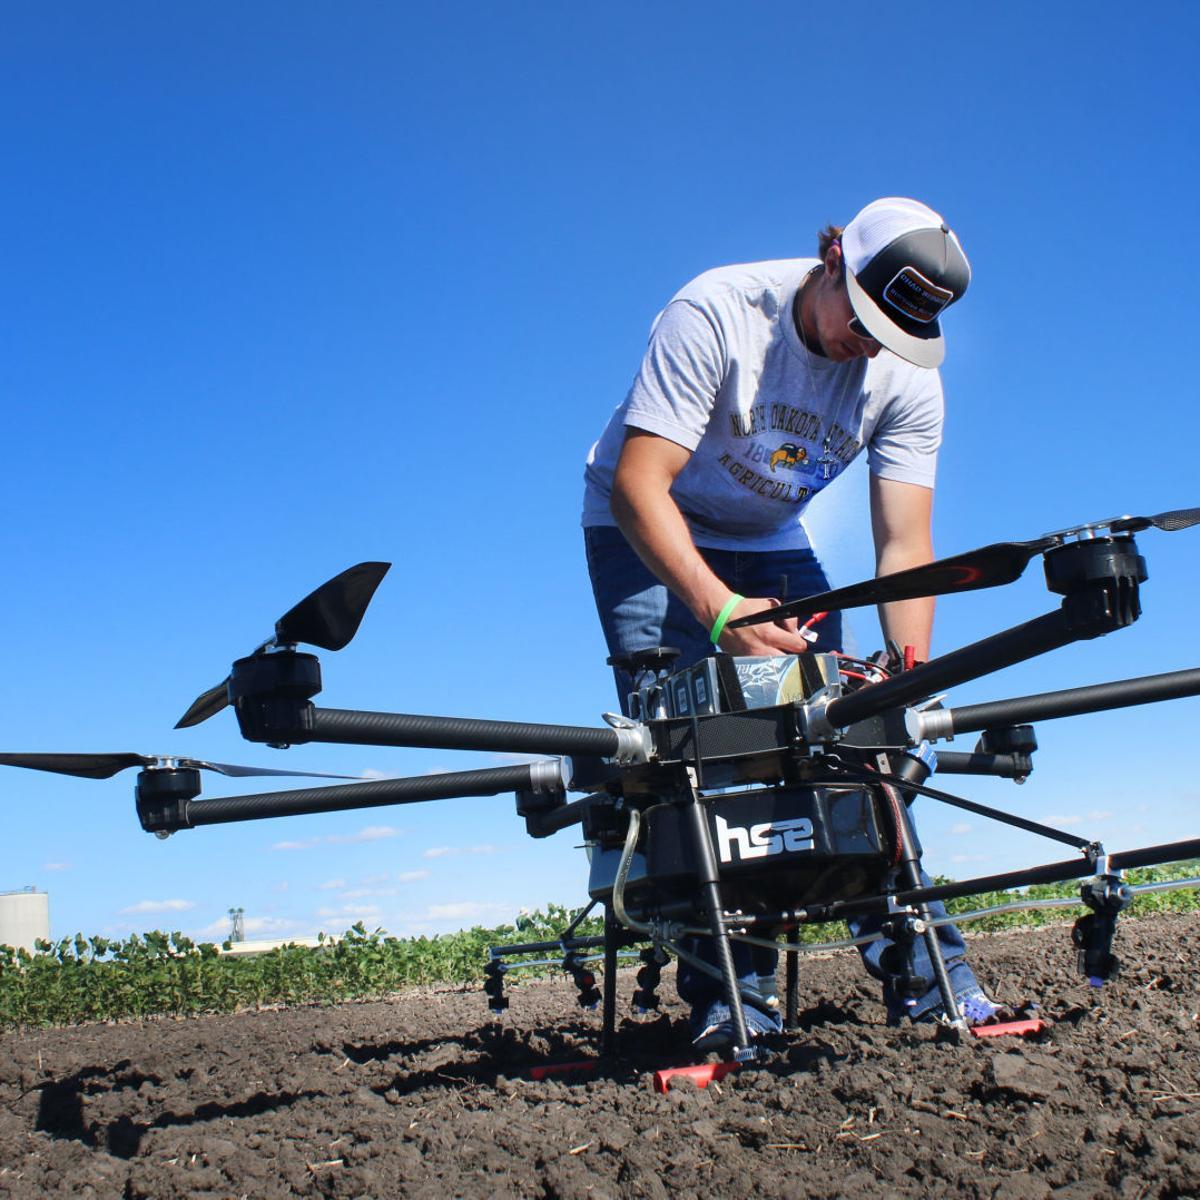 NDSU tests new 'spray drone' | North Dakota News | bismarcktribune com